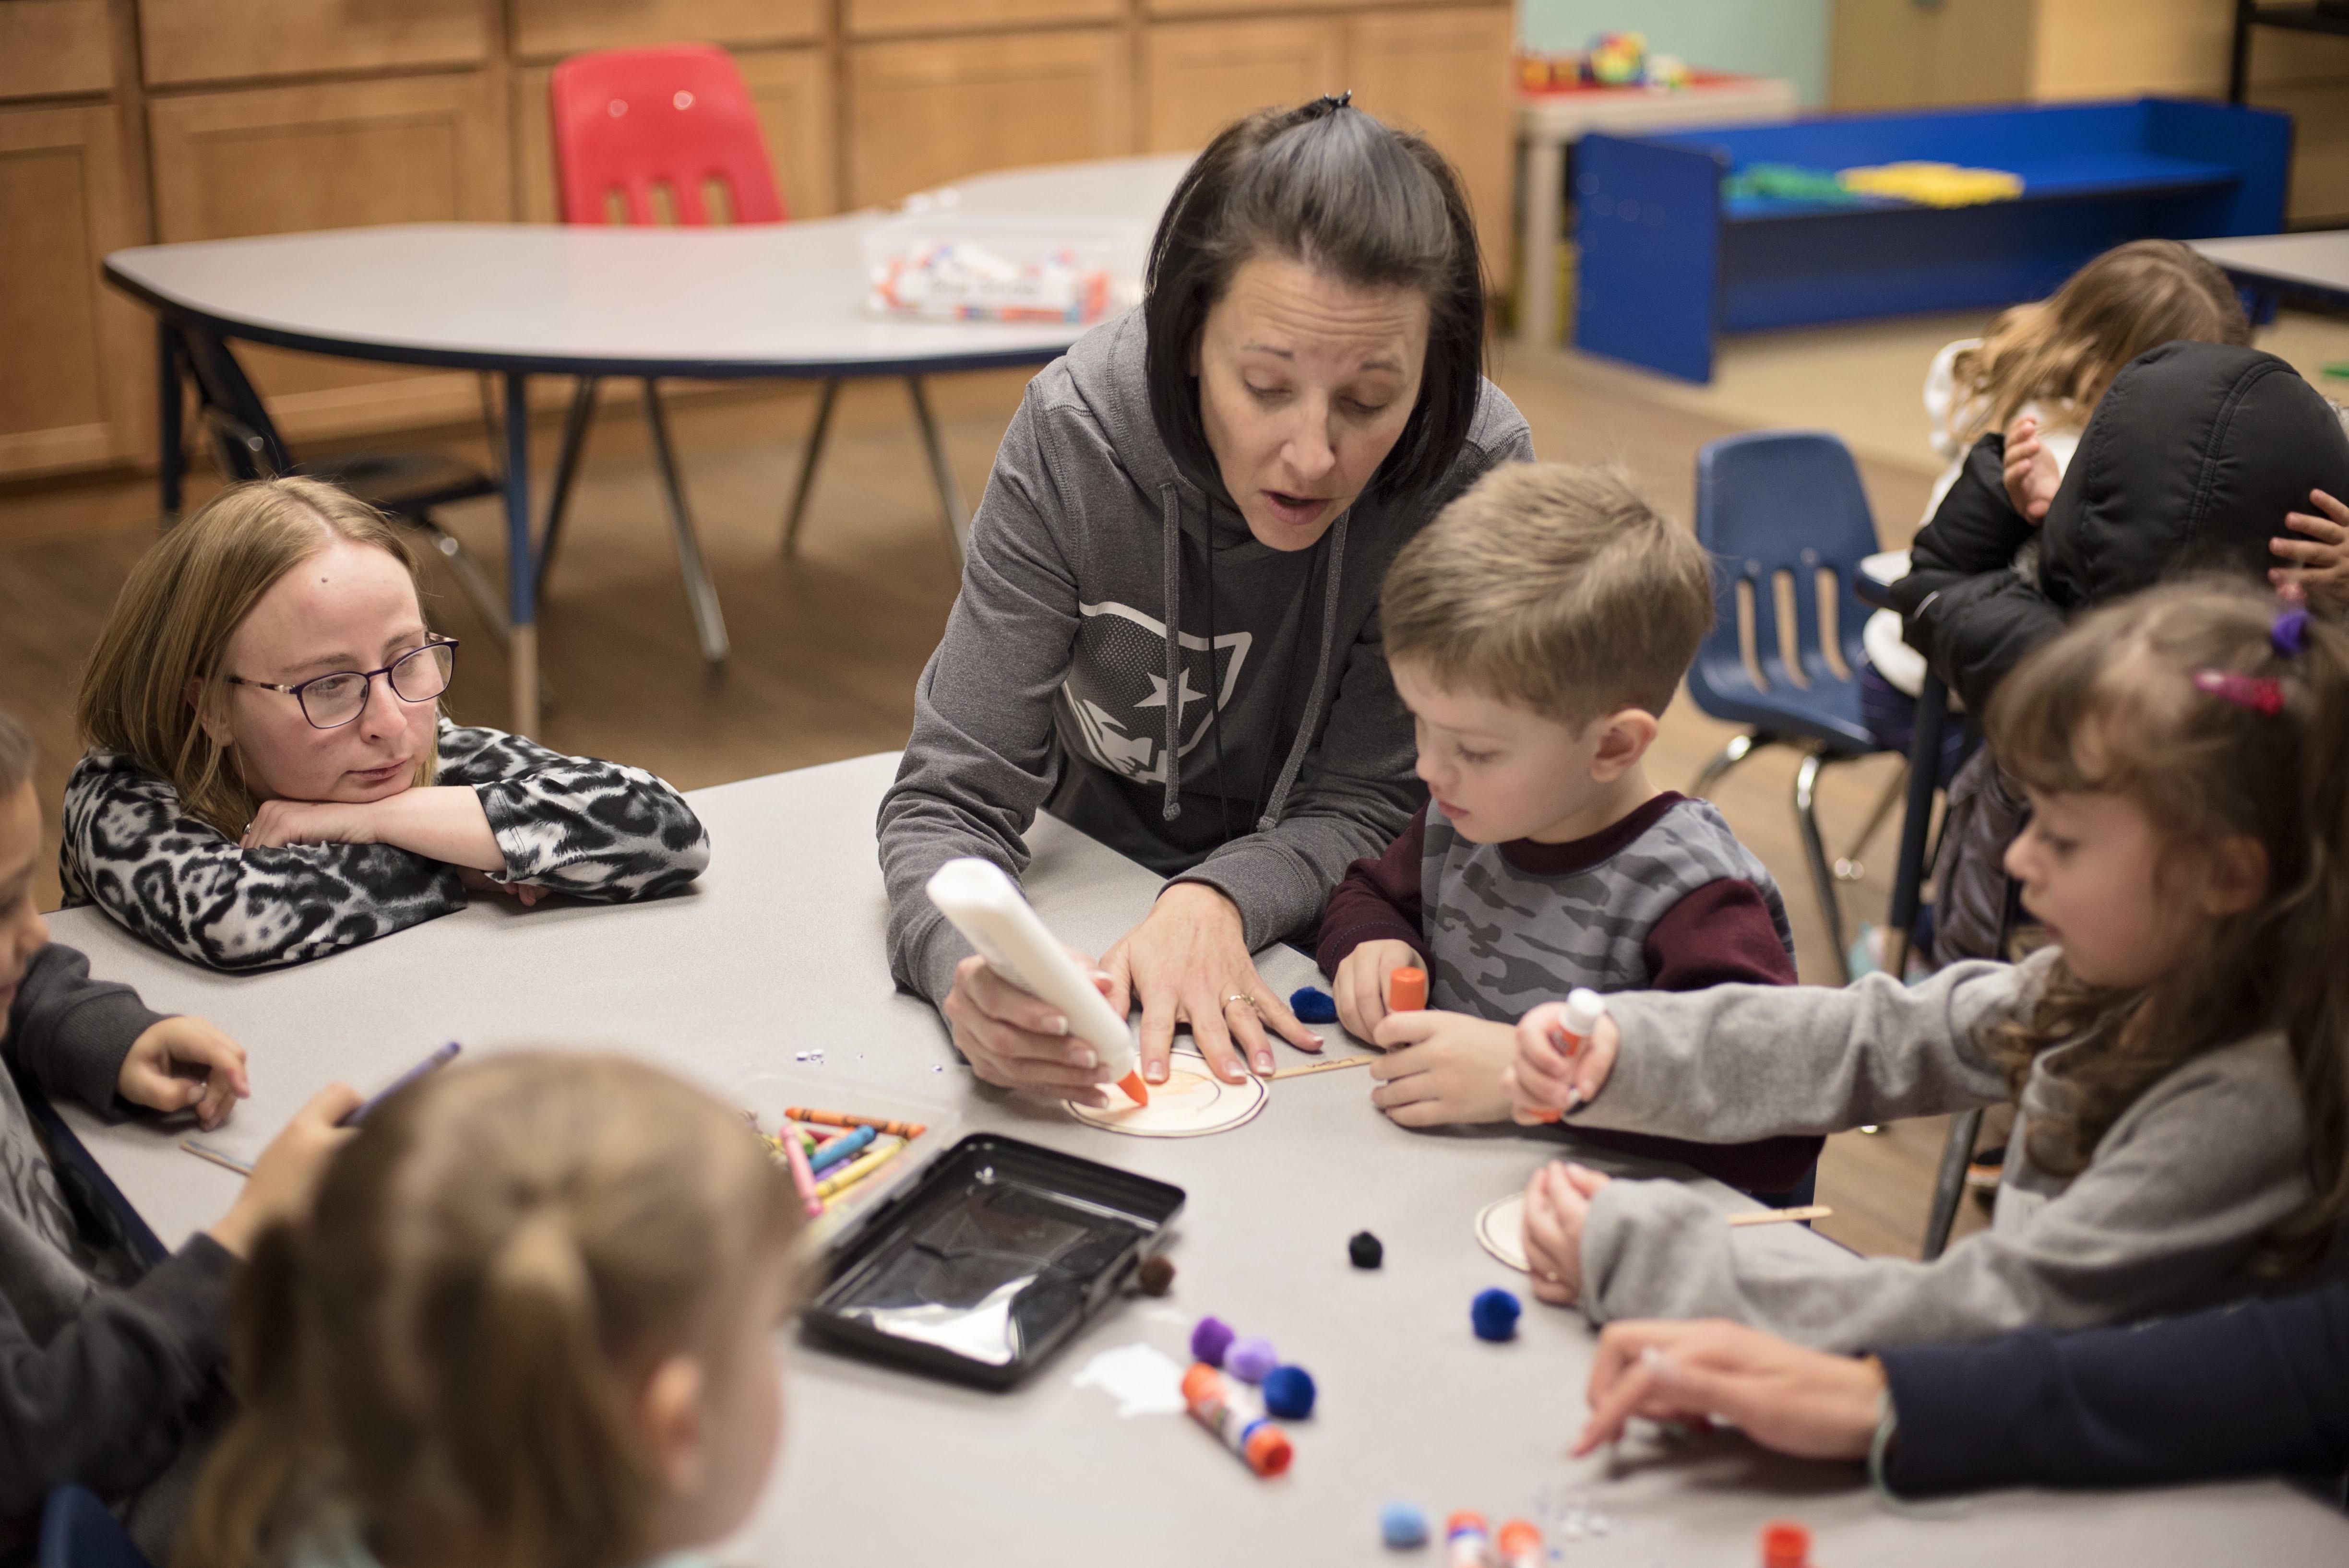 Christian Jobs at Churches, Schools, & Nonprofits | Vanderbloemen